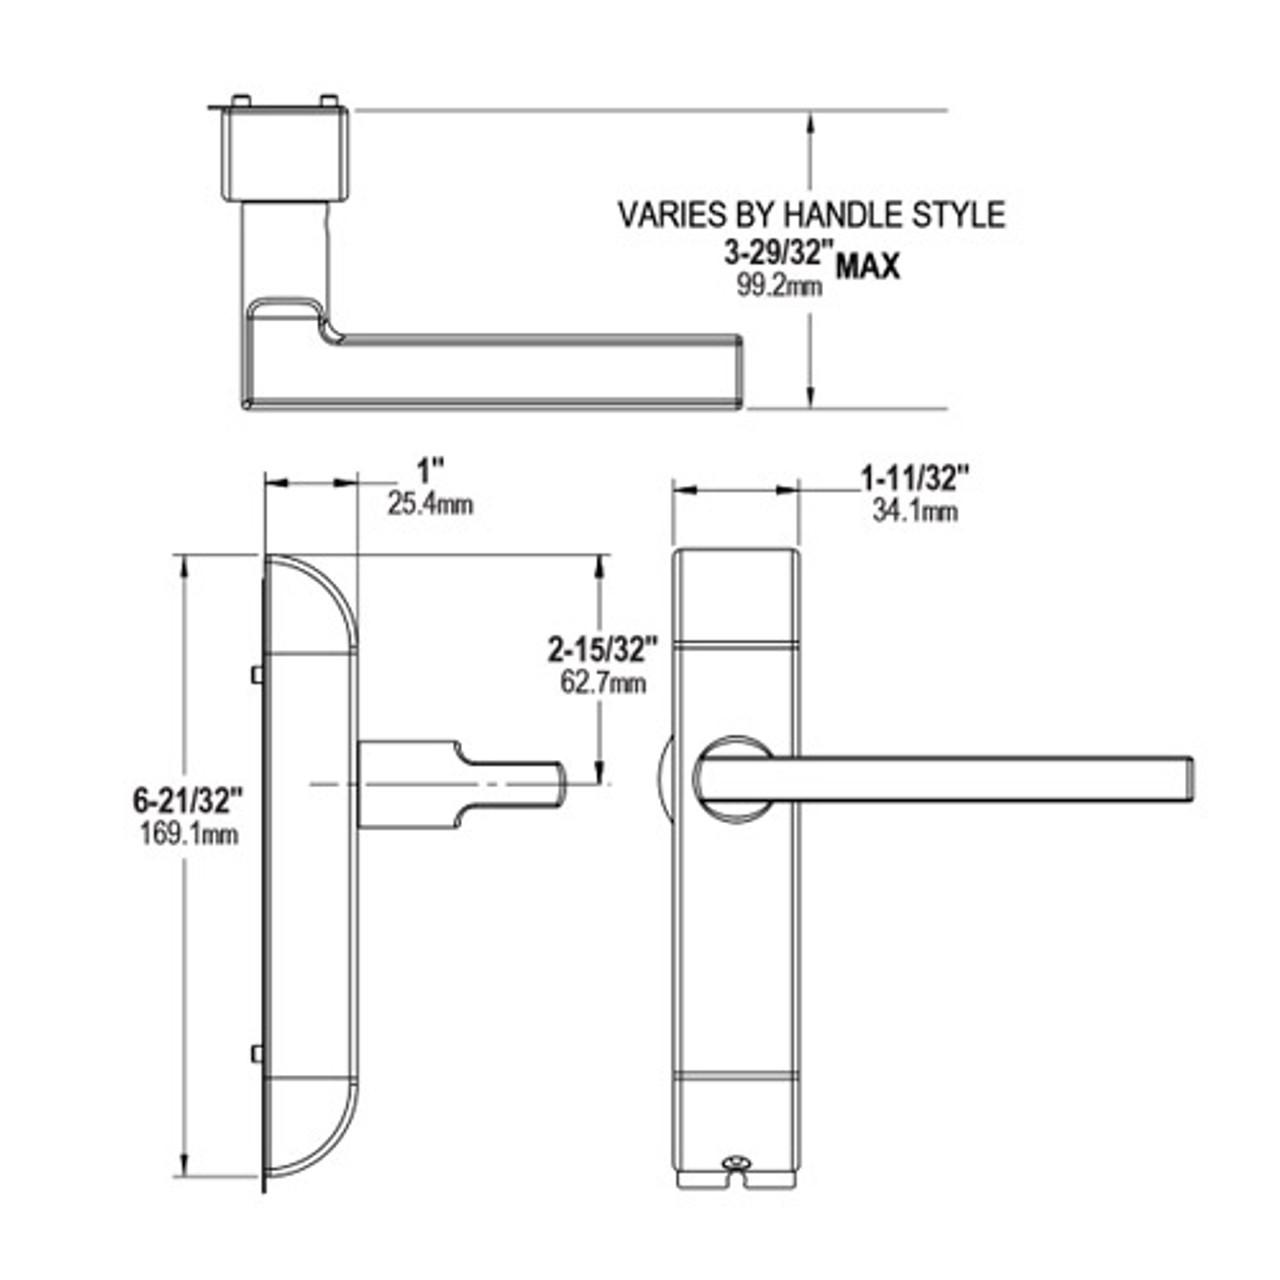 4600-MN-511-US3 Adams Rite MN Designer handle Dimensional View